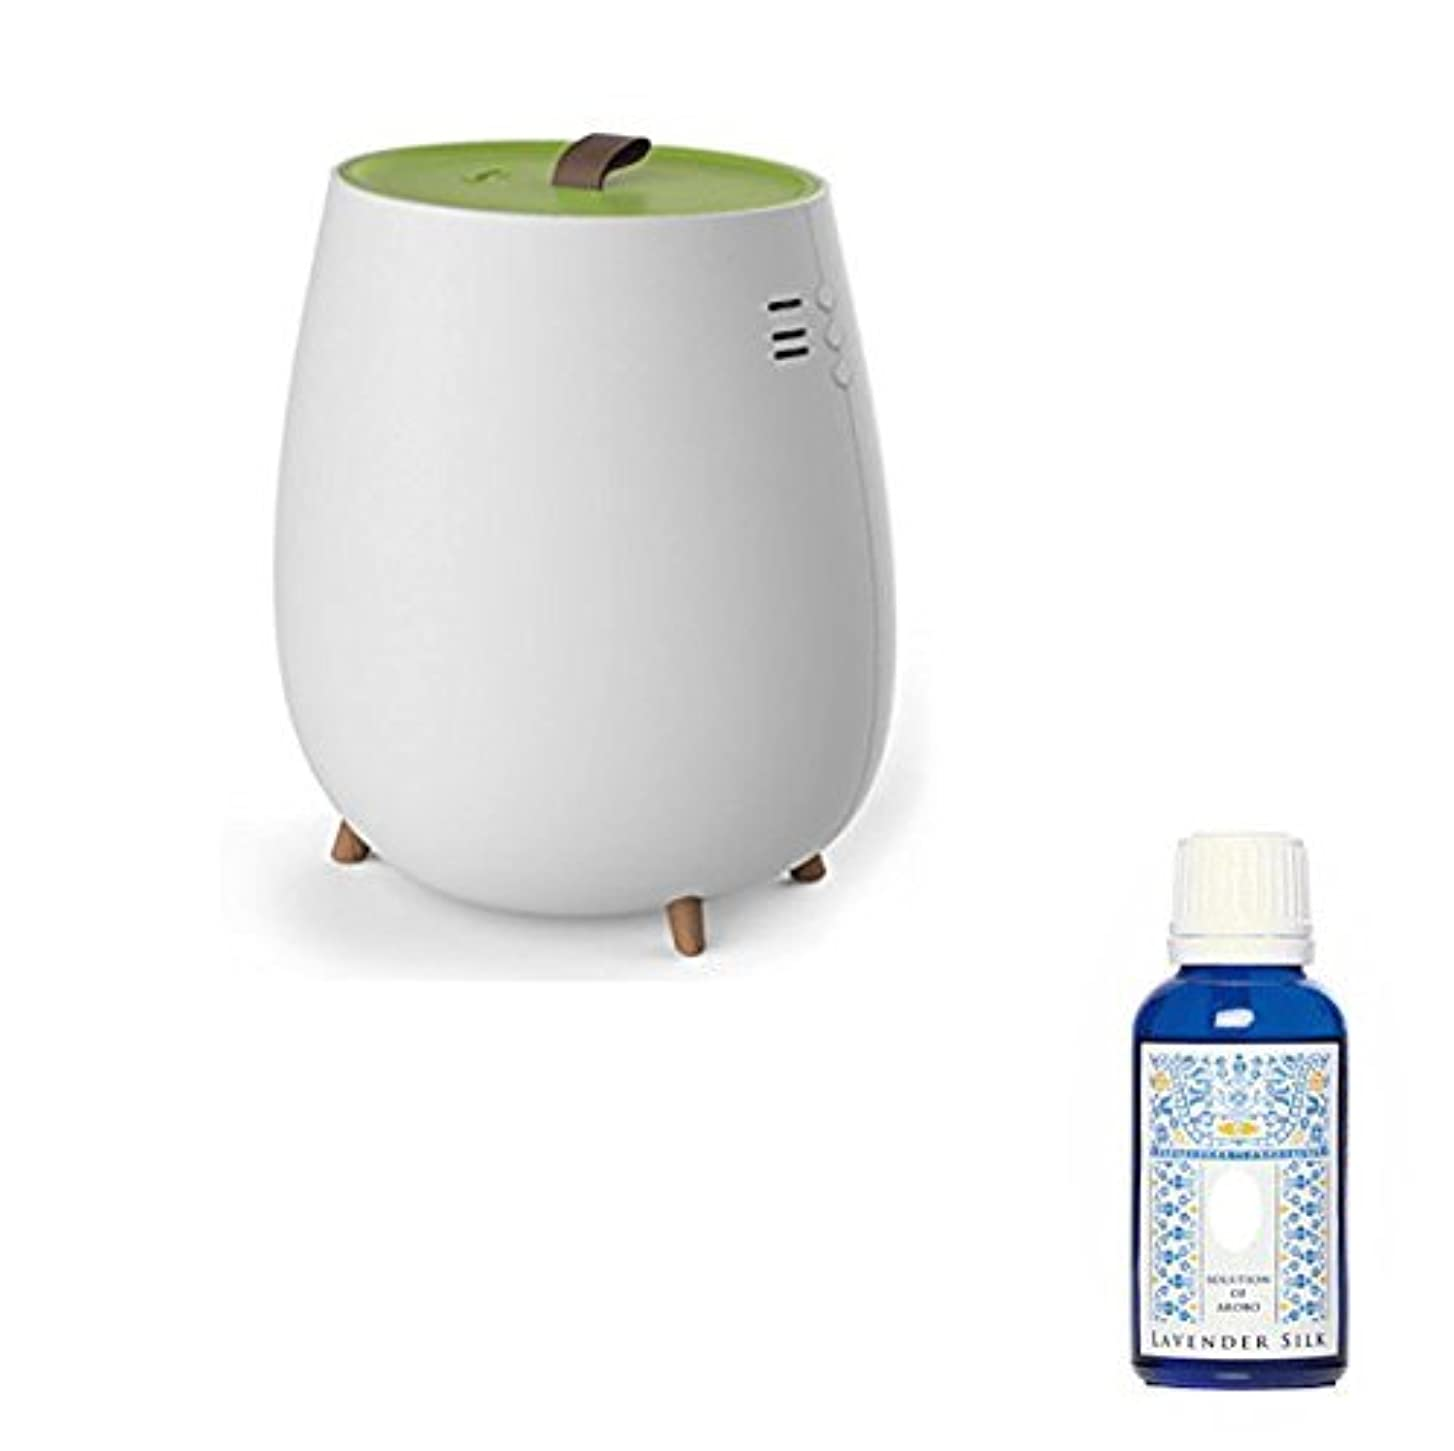 リングレット汚染プラットフォームアロマ加湿器 超音波加湿器 2.3L セラヴィ アロマソリューション付 CLV-296 グリーン